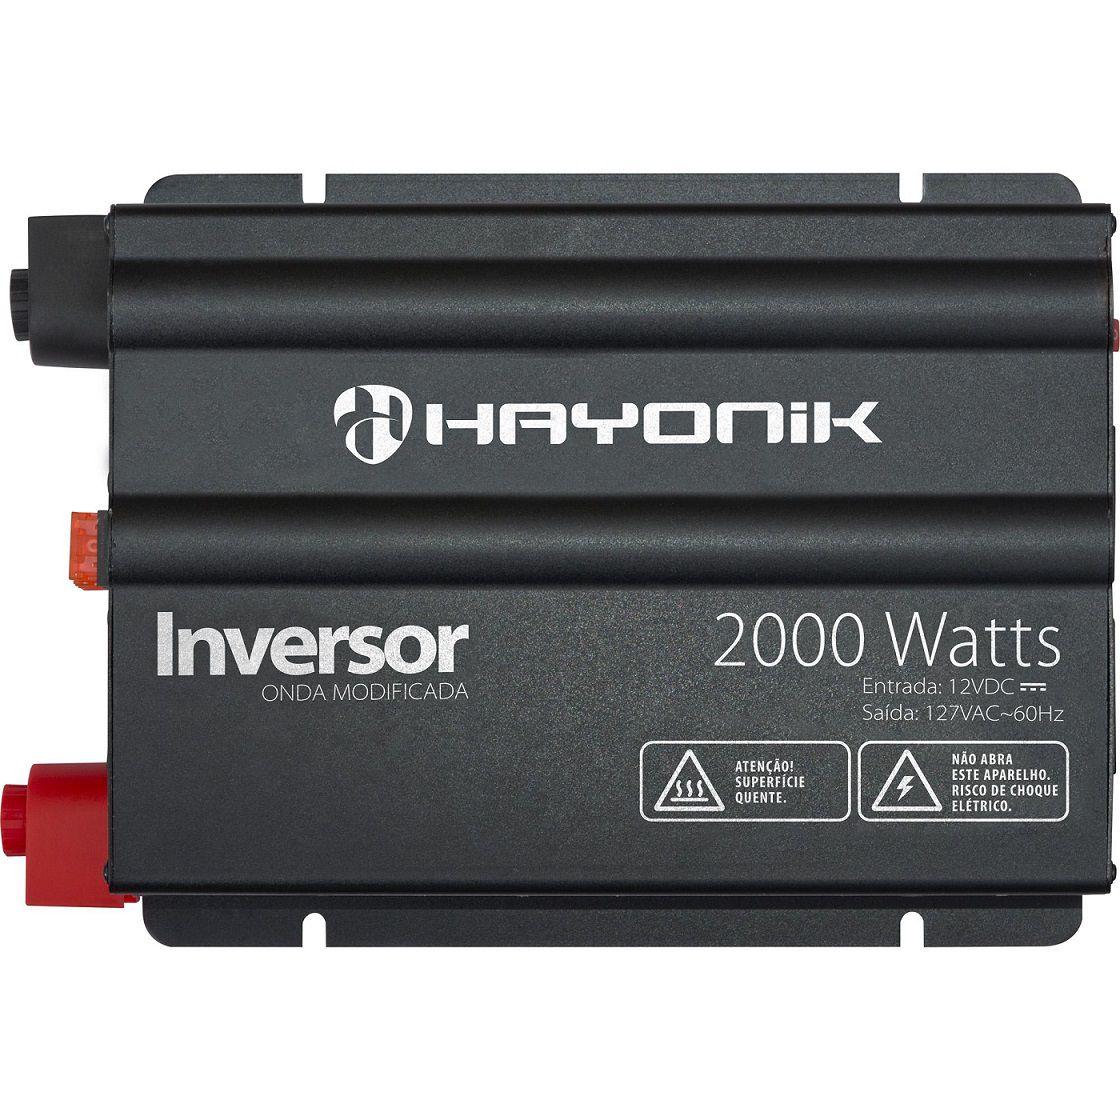 INVERSOR HAYONIC 2000W 12VDC/127V ONDA MODIFICADA GD